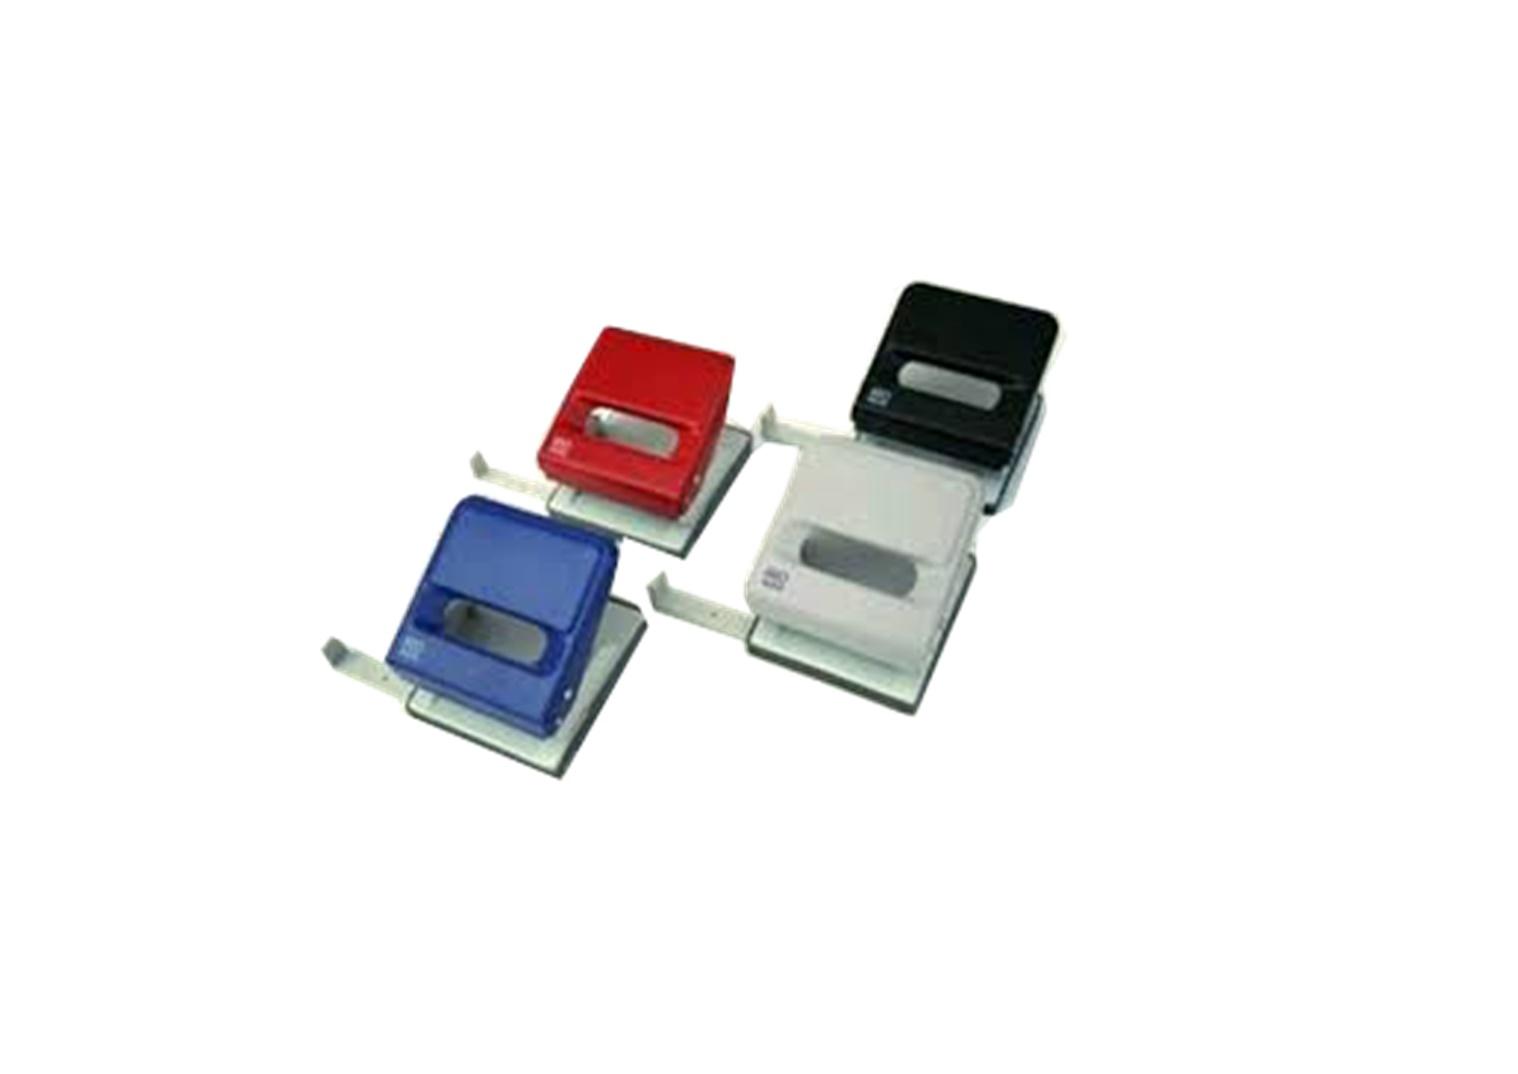 SIO Locher 8005 2,5 mm Bürolocher grau